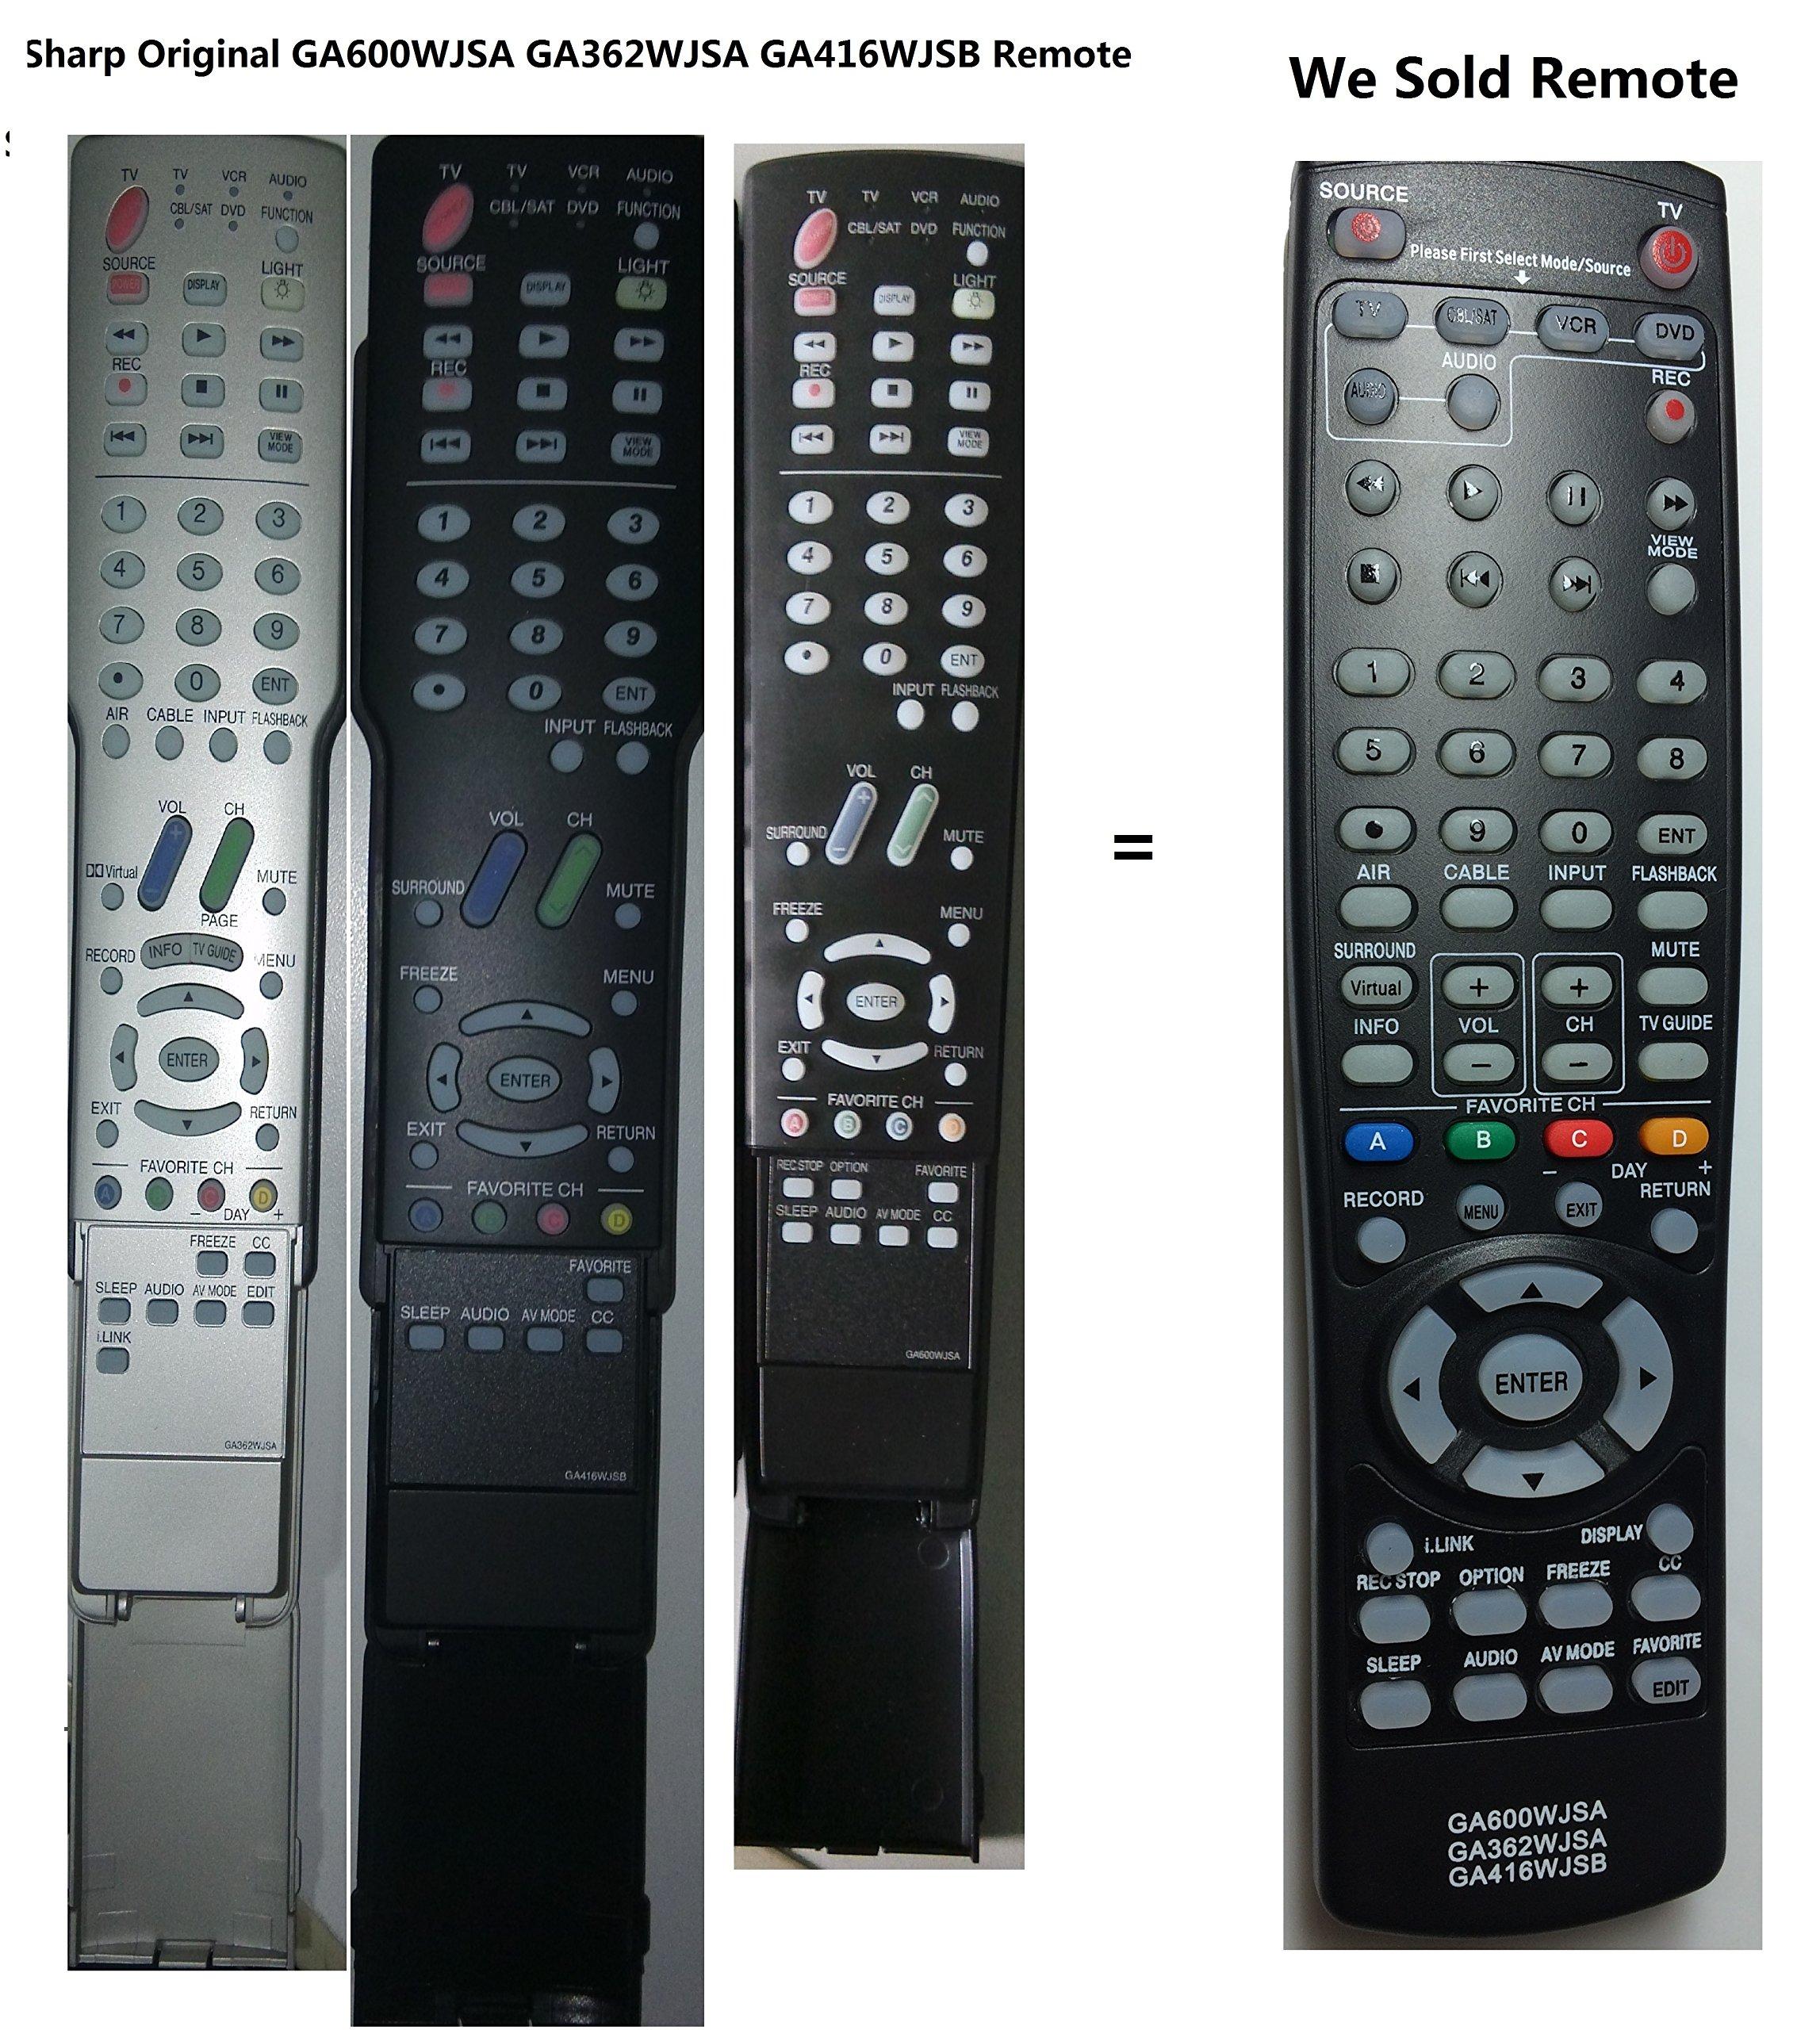 Control Remoto Sharp Ga600wjsa Ga362wjsa Ga416wjsb Aquos ...